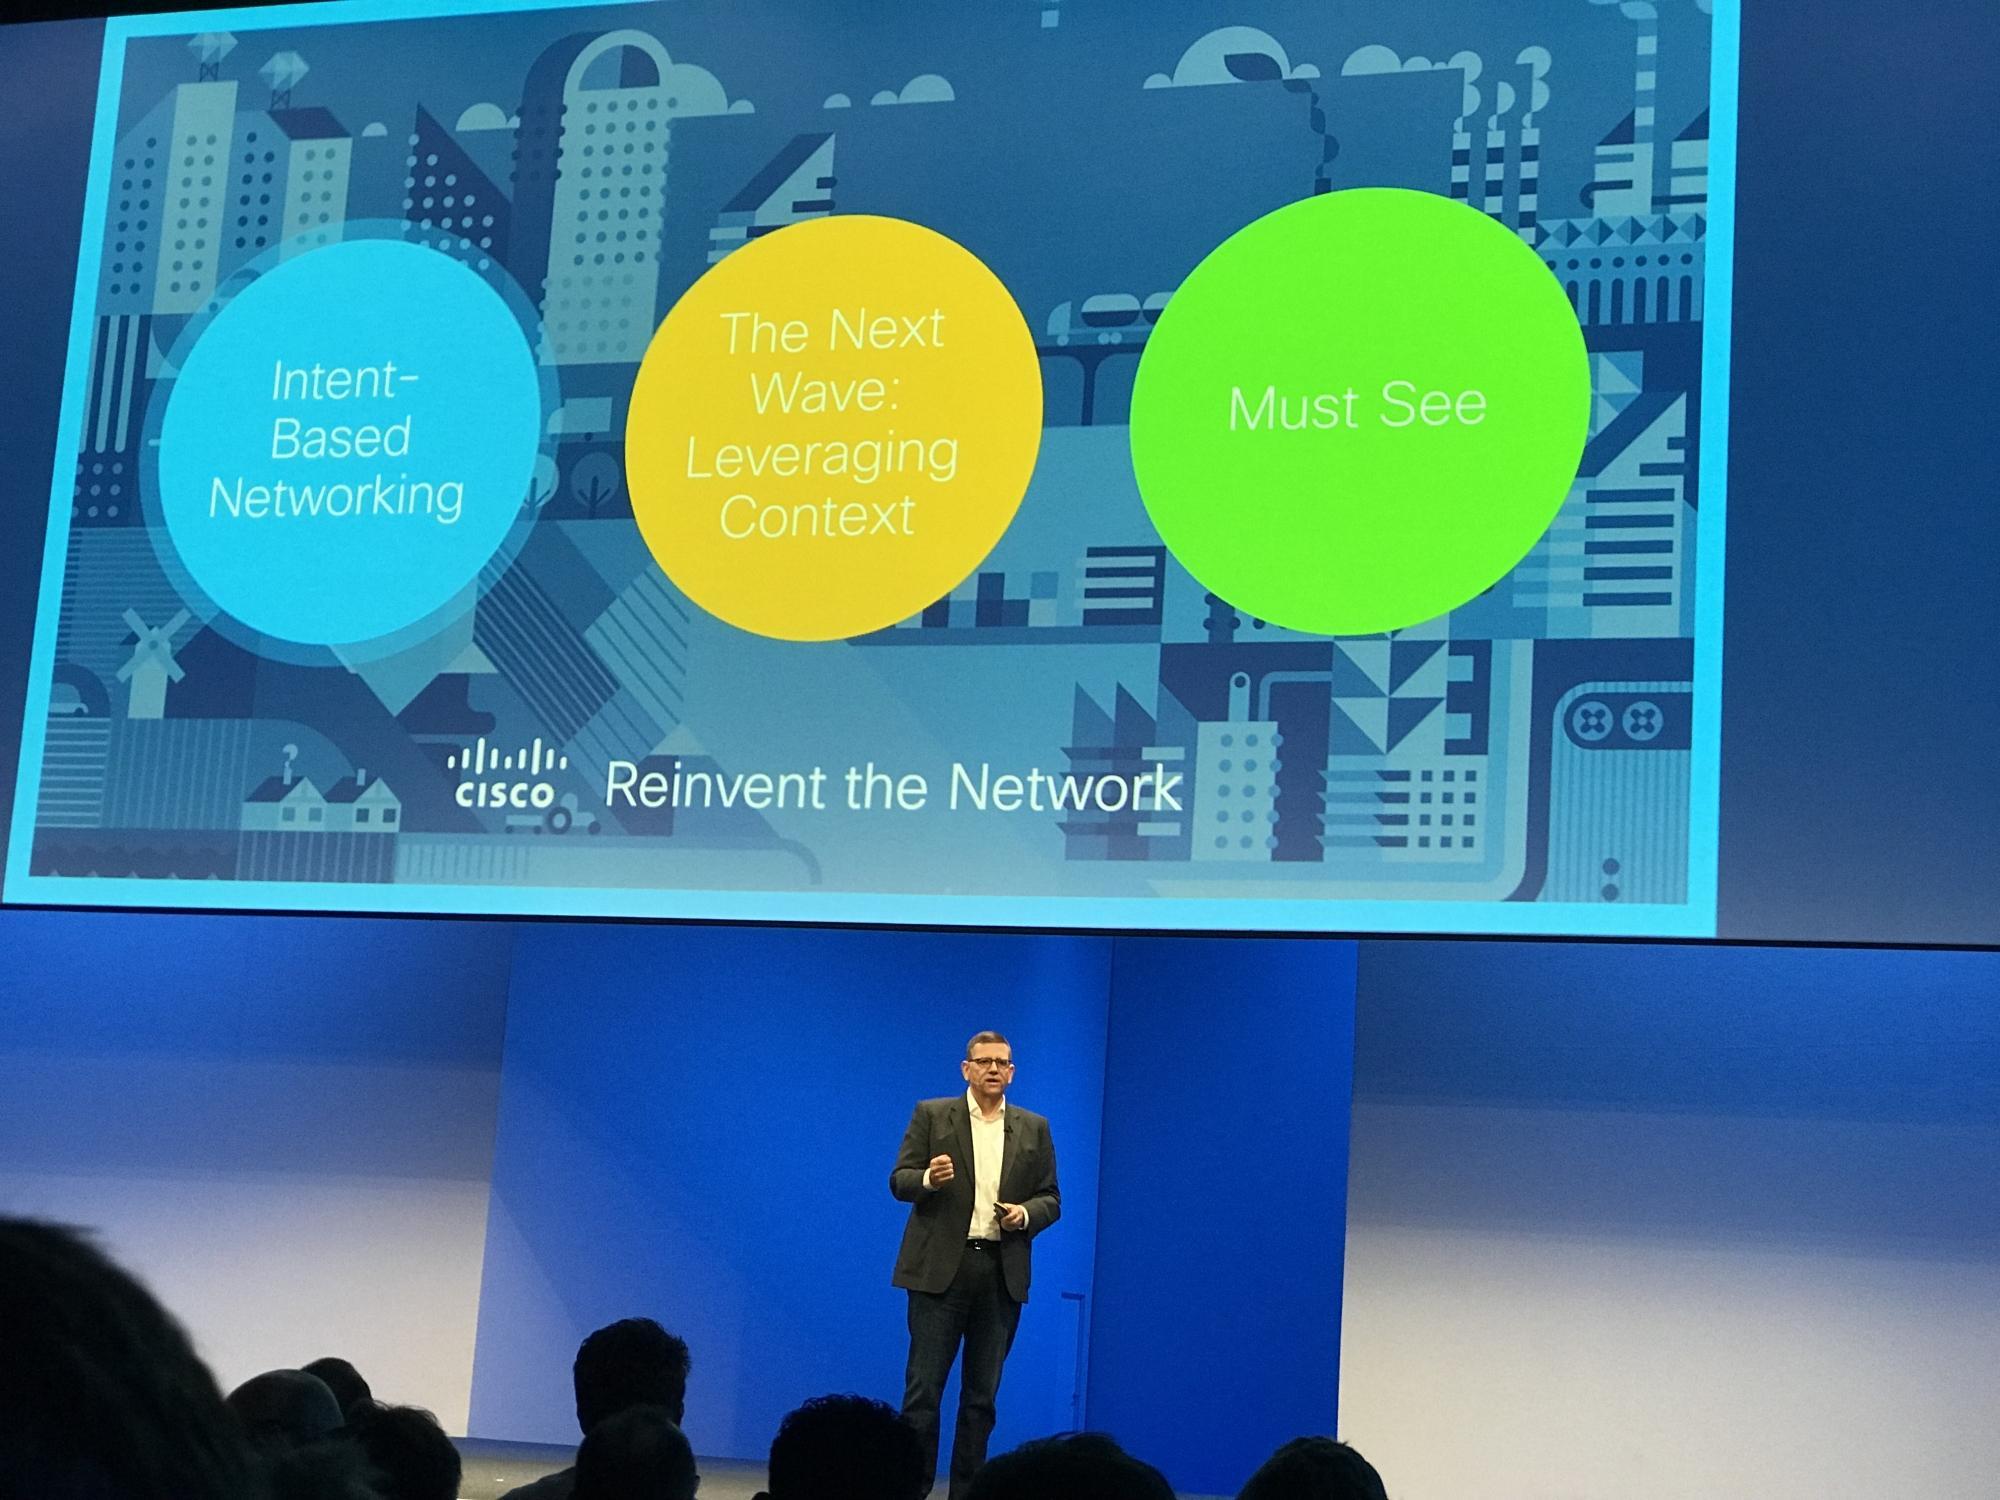 Intent-Based NetworkingDas Netzwerk soll nicht mehr allein ein Transportmedium sein, sondern spezifischen Anforderungen in unterschiedlichen Kontexten genügen.